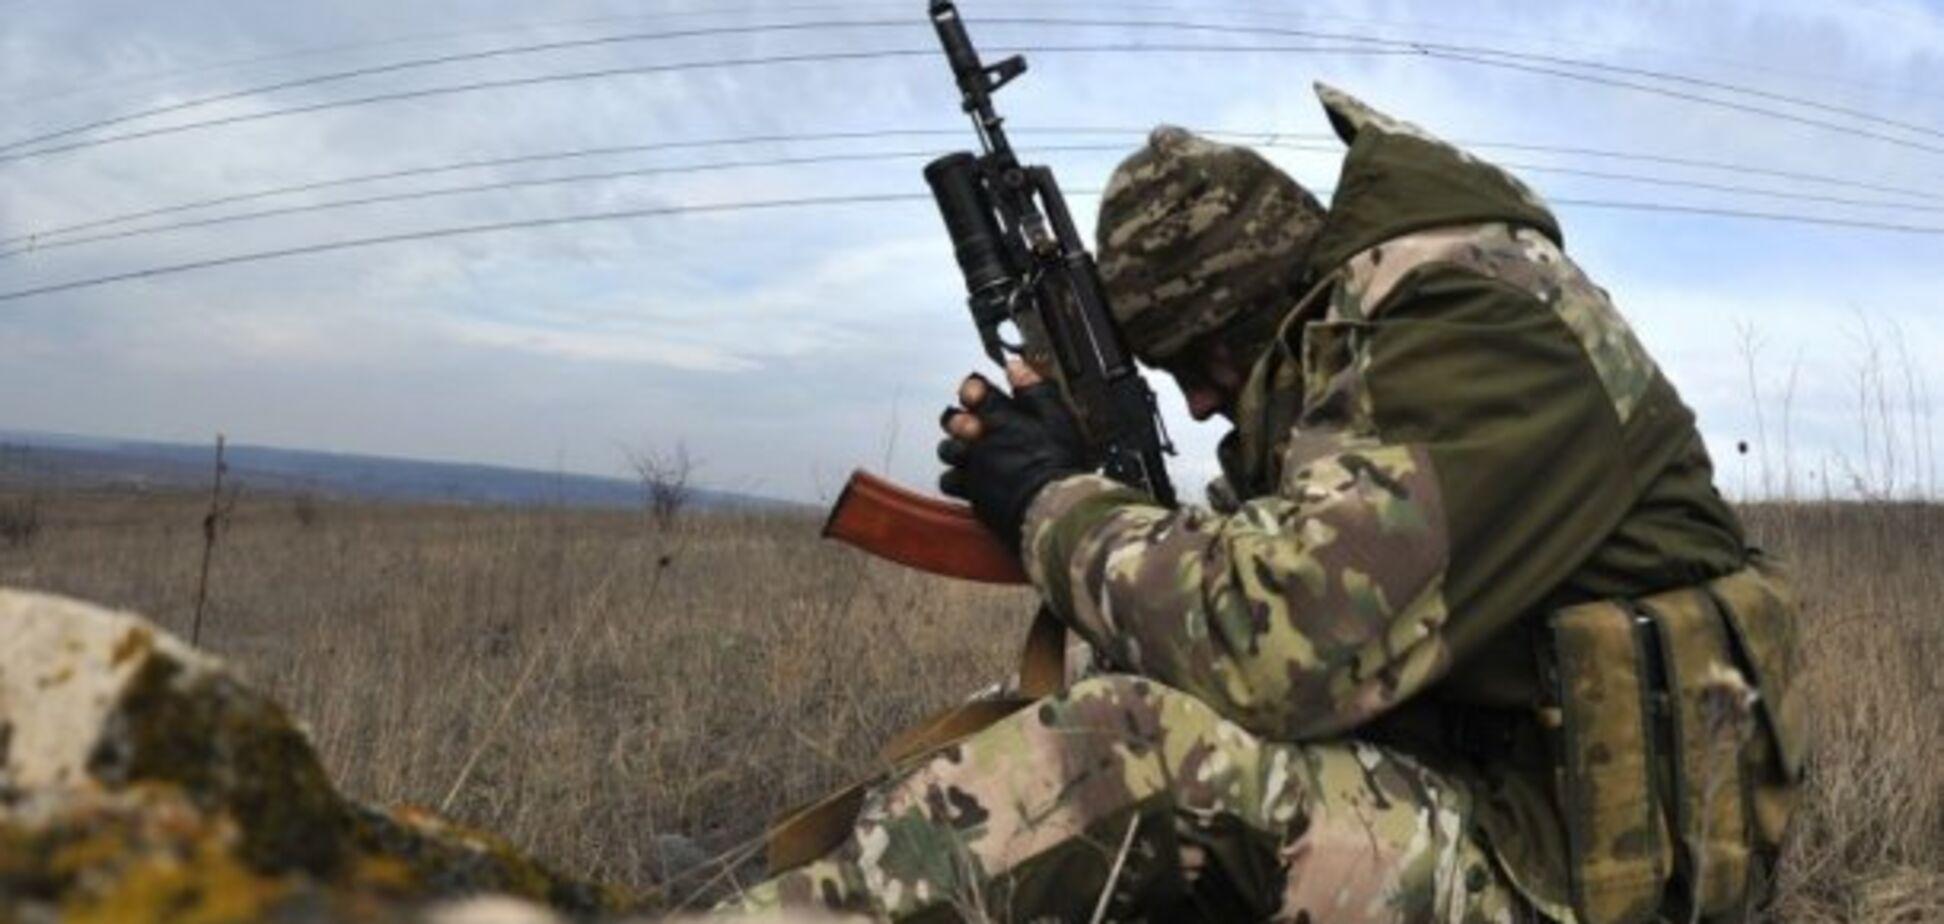 Прогримів вибух: на Донбасі сталася смертельна трагедія з українцями